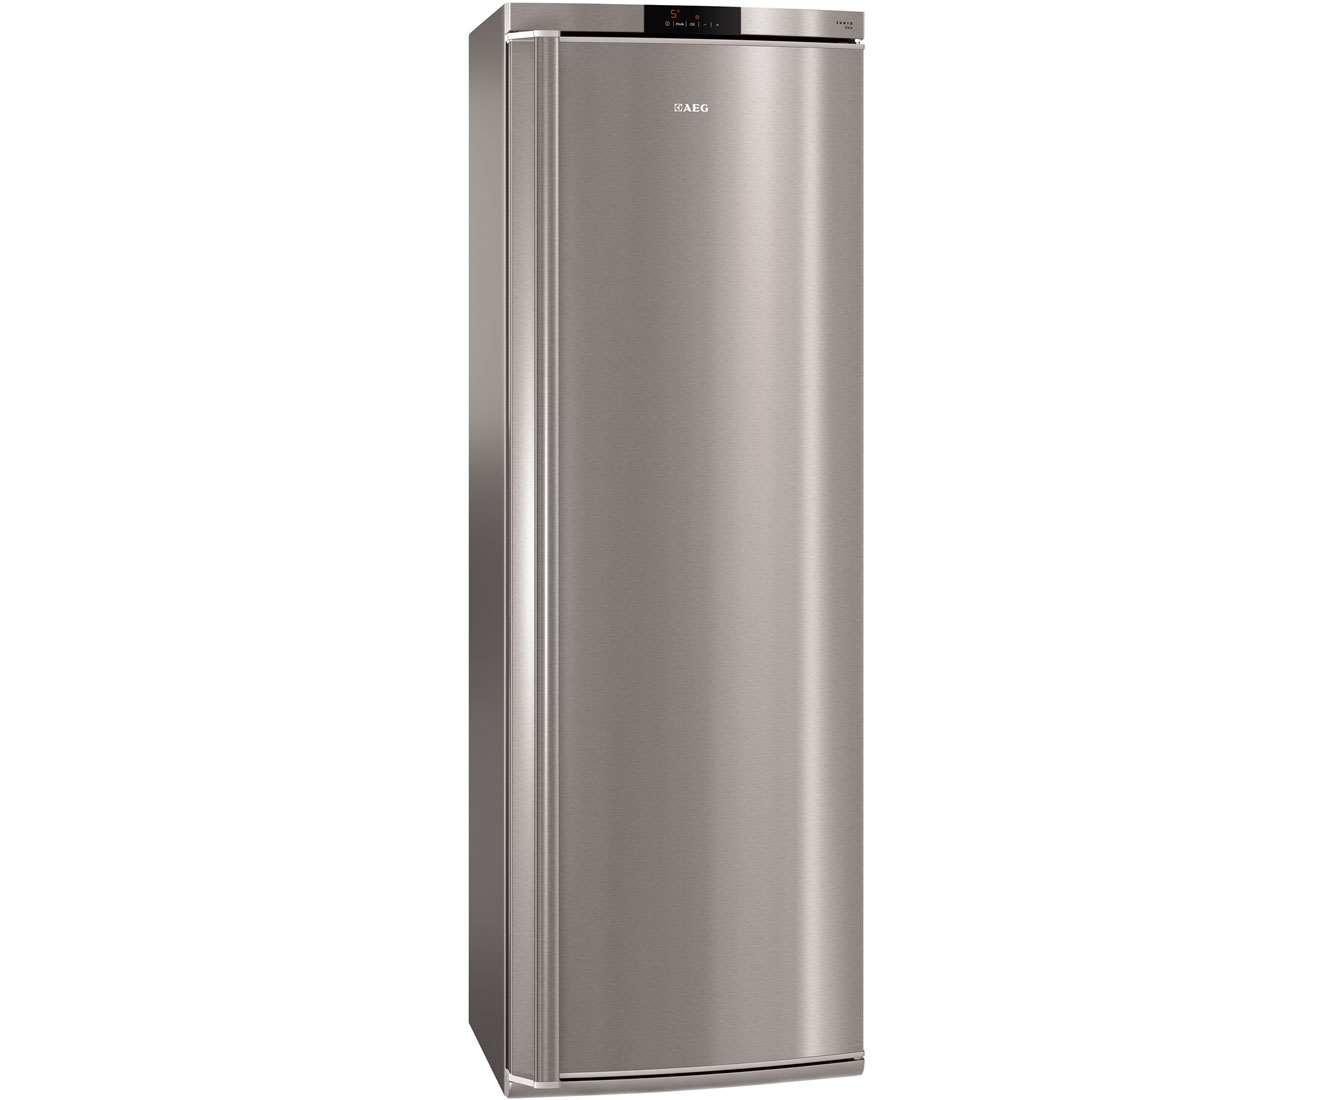 Buy cheap Larder fridge stainless steel pare Fridges